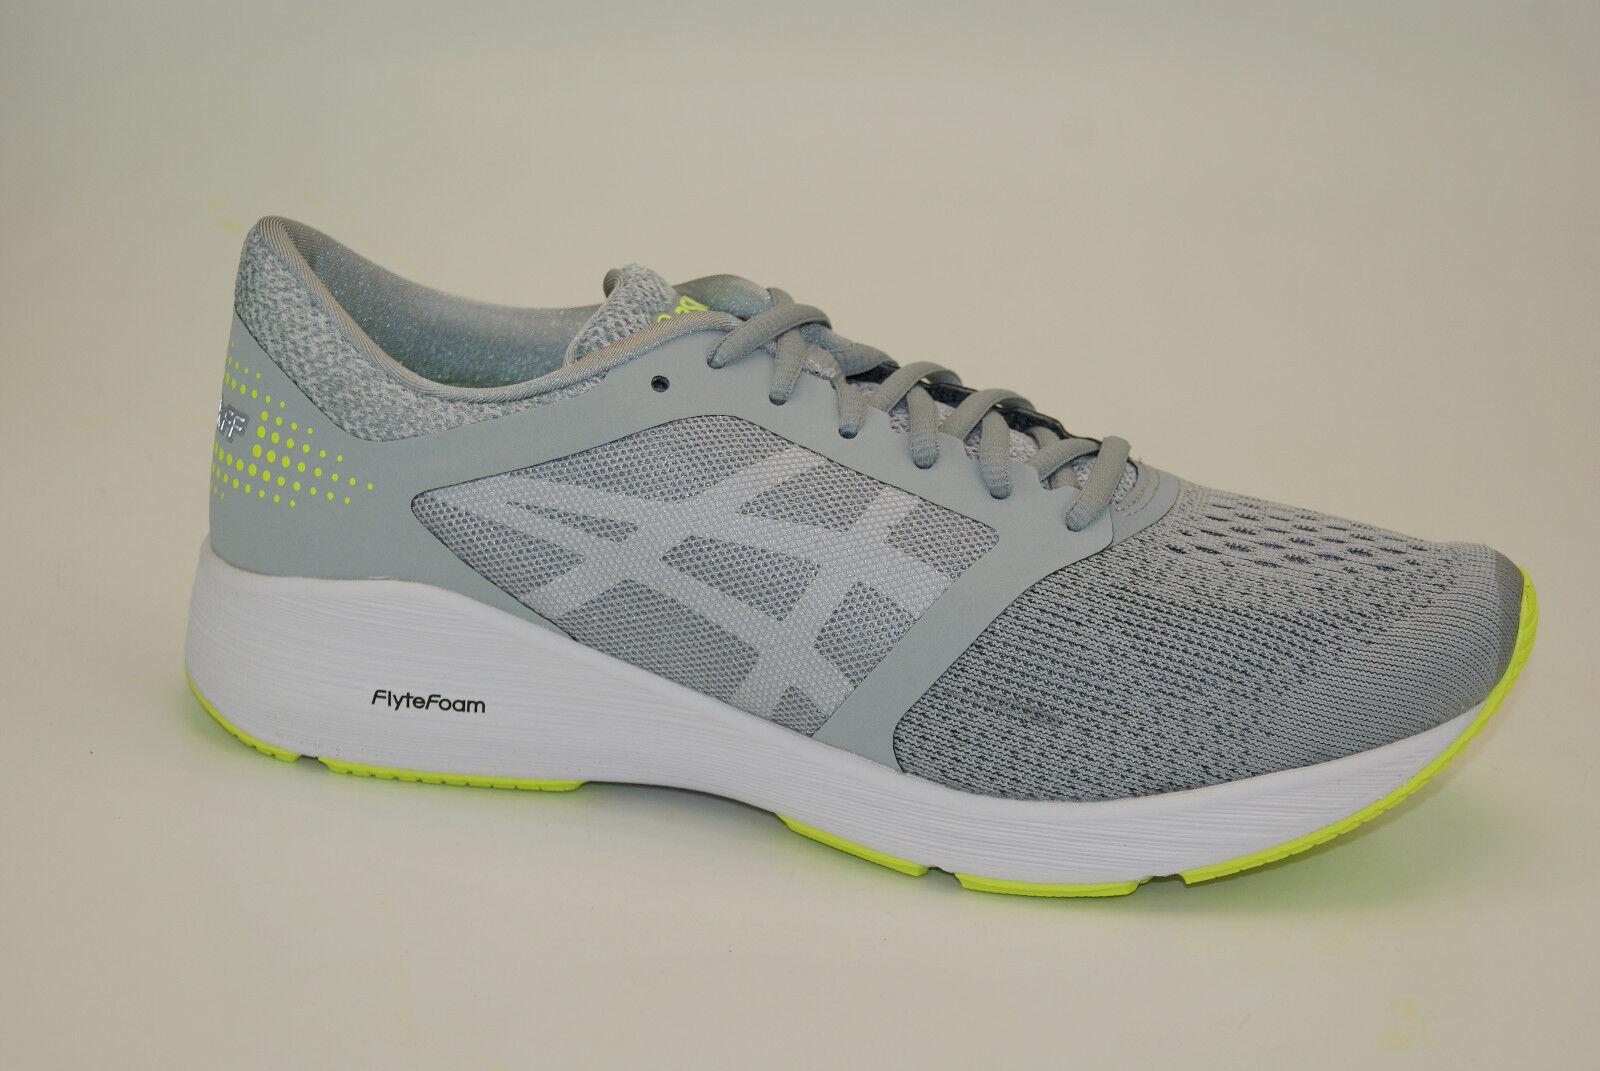 Asics Roadhawk Ff Zapatillas para Correr Deporte Bambas Hombre Zapatos